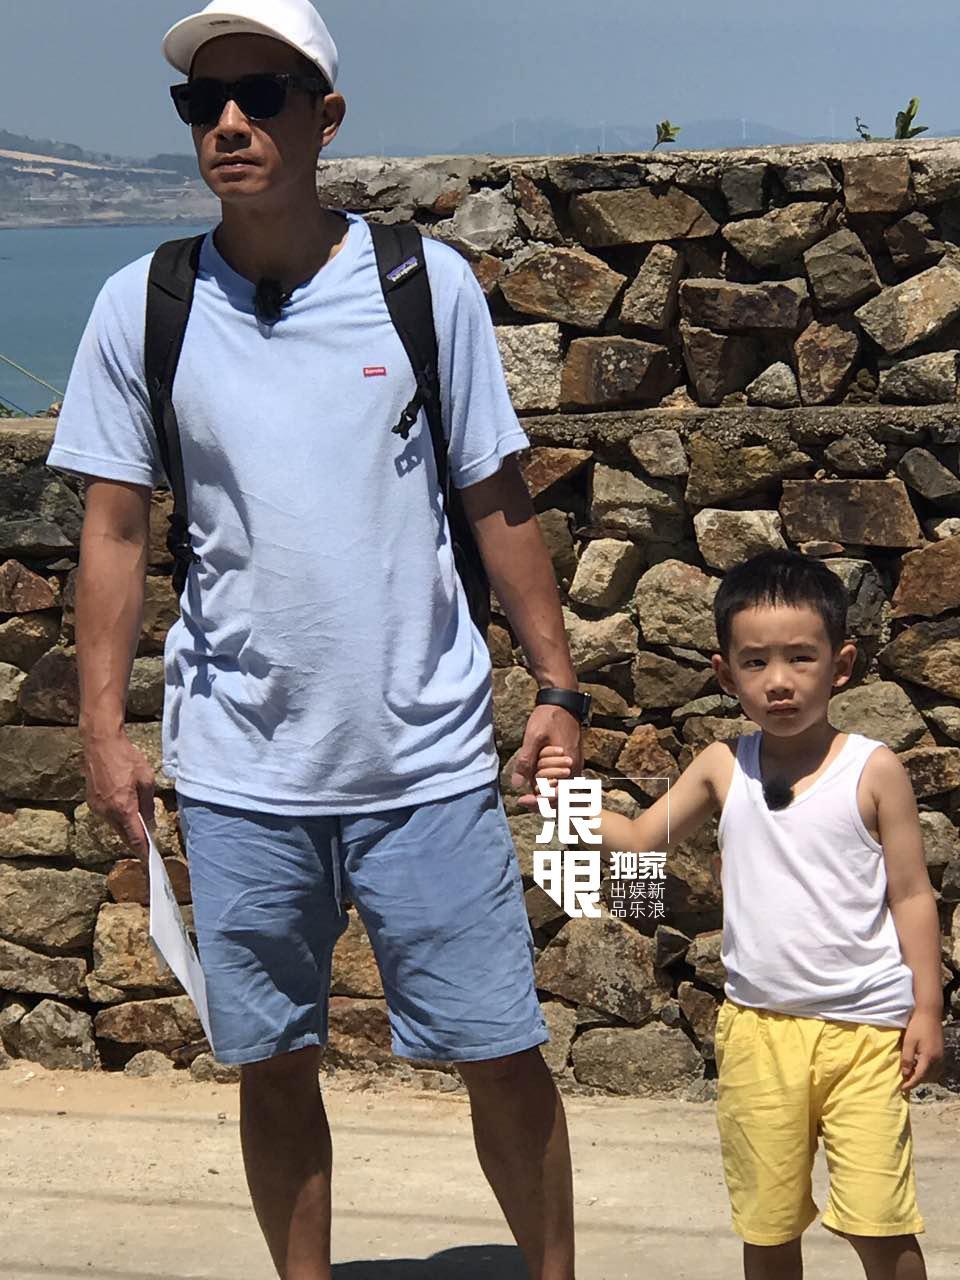 'Vi Tiểu Bảo' Trần Tiểu Xuân lần đầu xuất hiện cùng con trai hot nhất weibo hôm nay-1